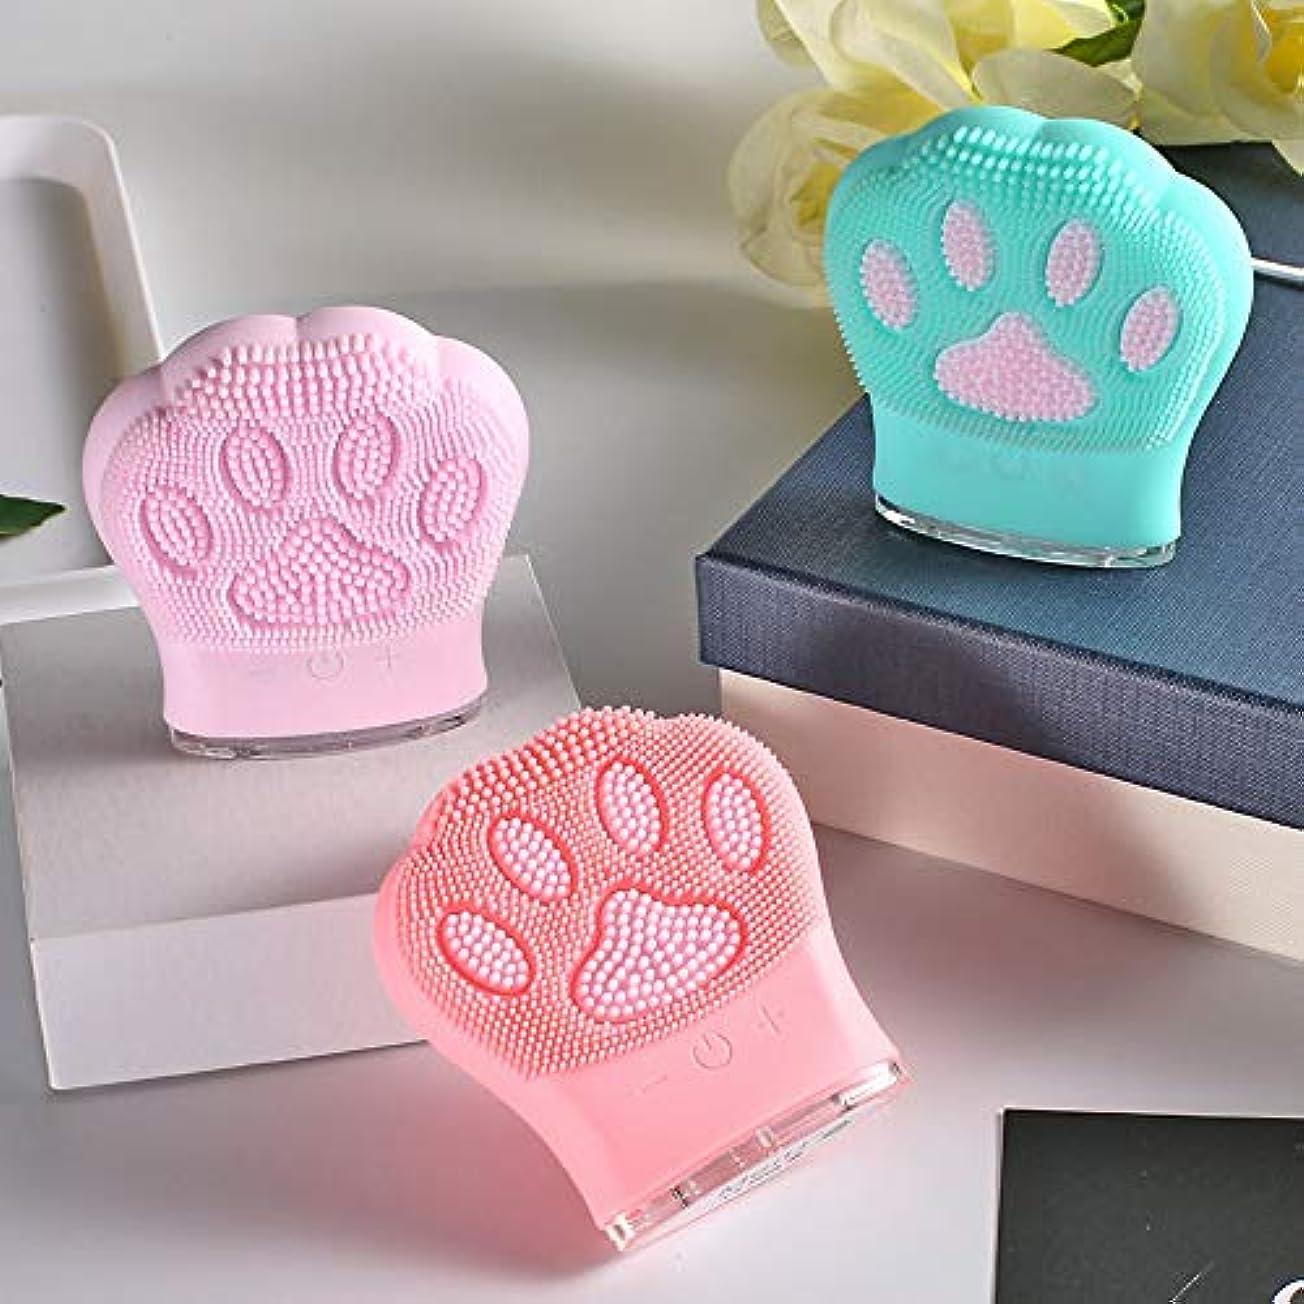 歴史神学校高くZXF 新しい猫の爪形状シリコーンクレンジング楽器超音波充電洗顔器具ガールフレンド小さなギフト洗浄ブラシピンク赤青セクション 滑らかである (色 : Pink)